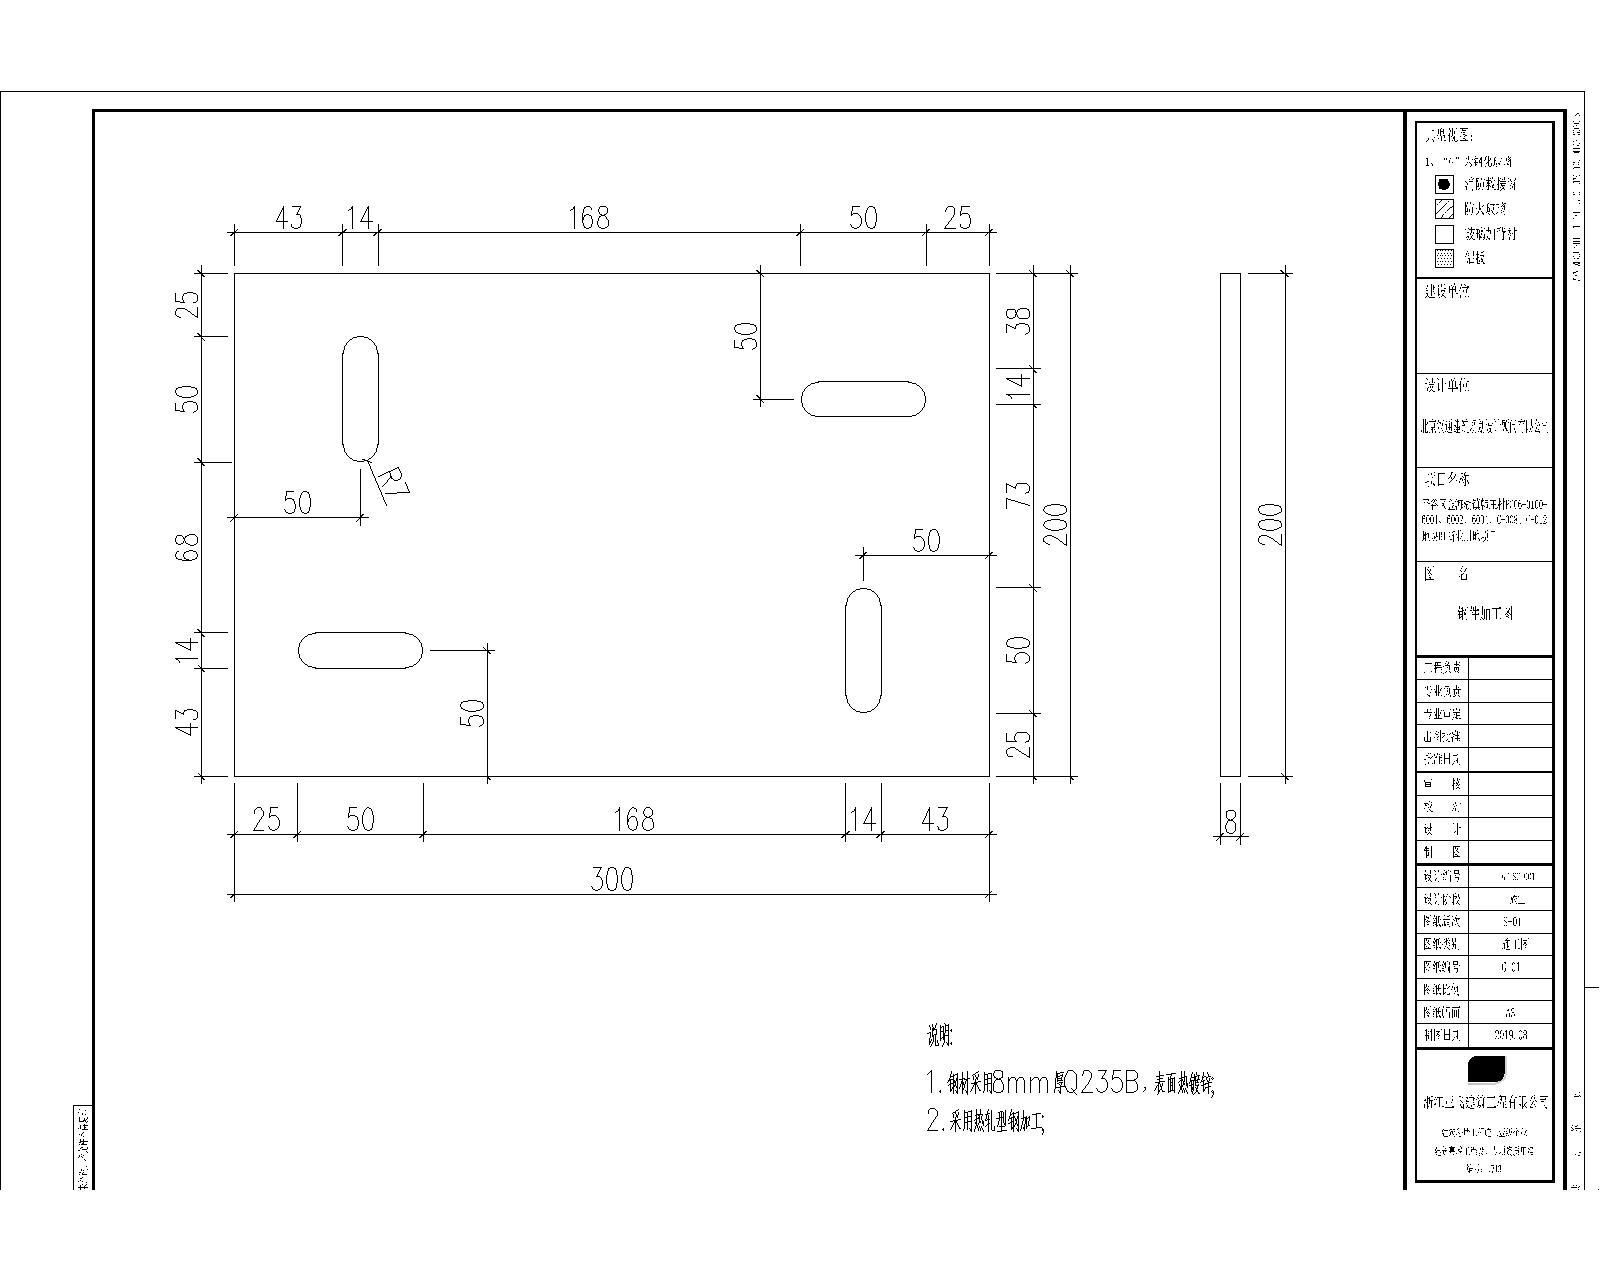 Q235埋板定制加工